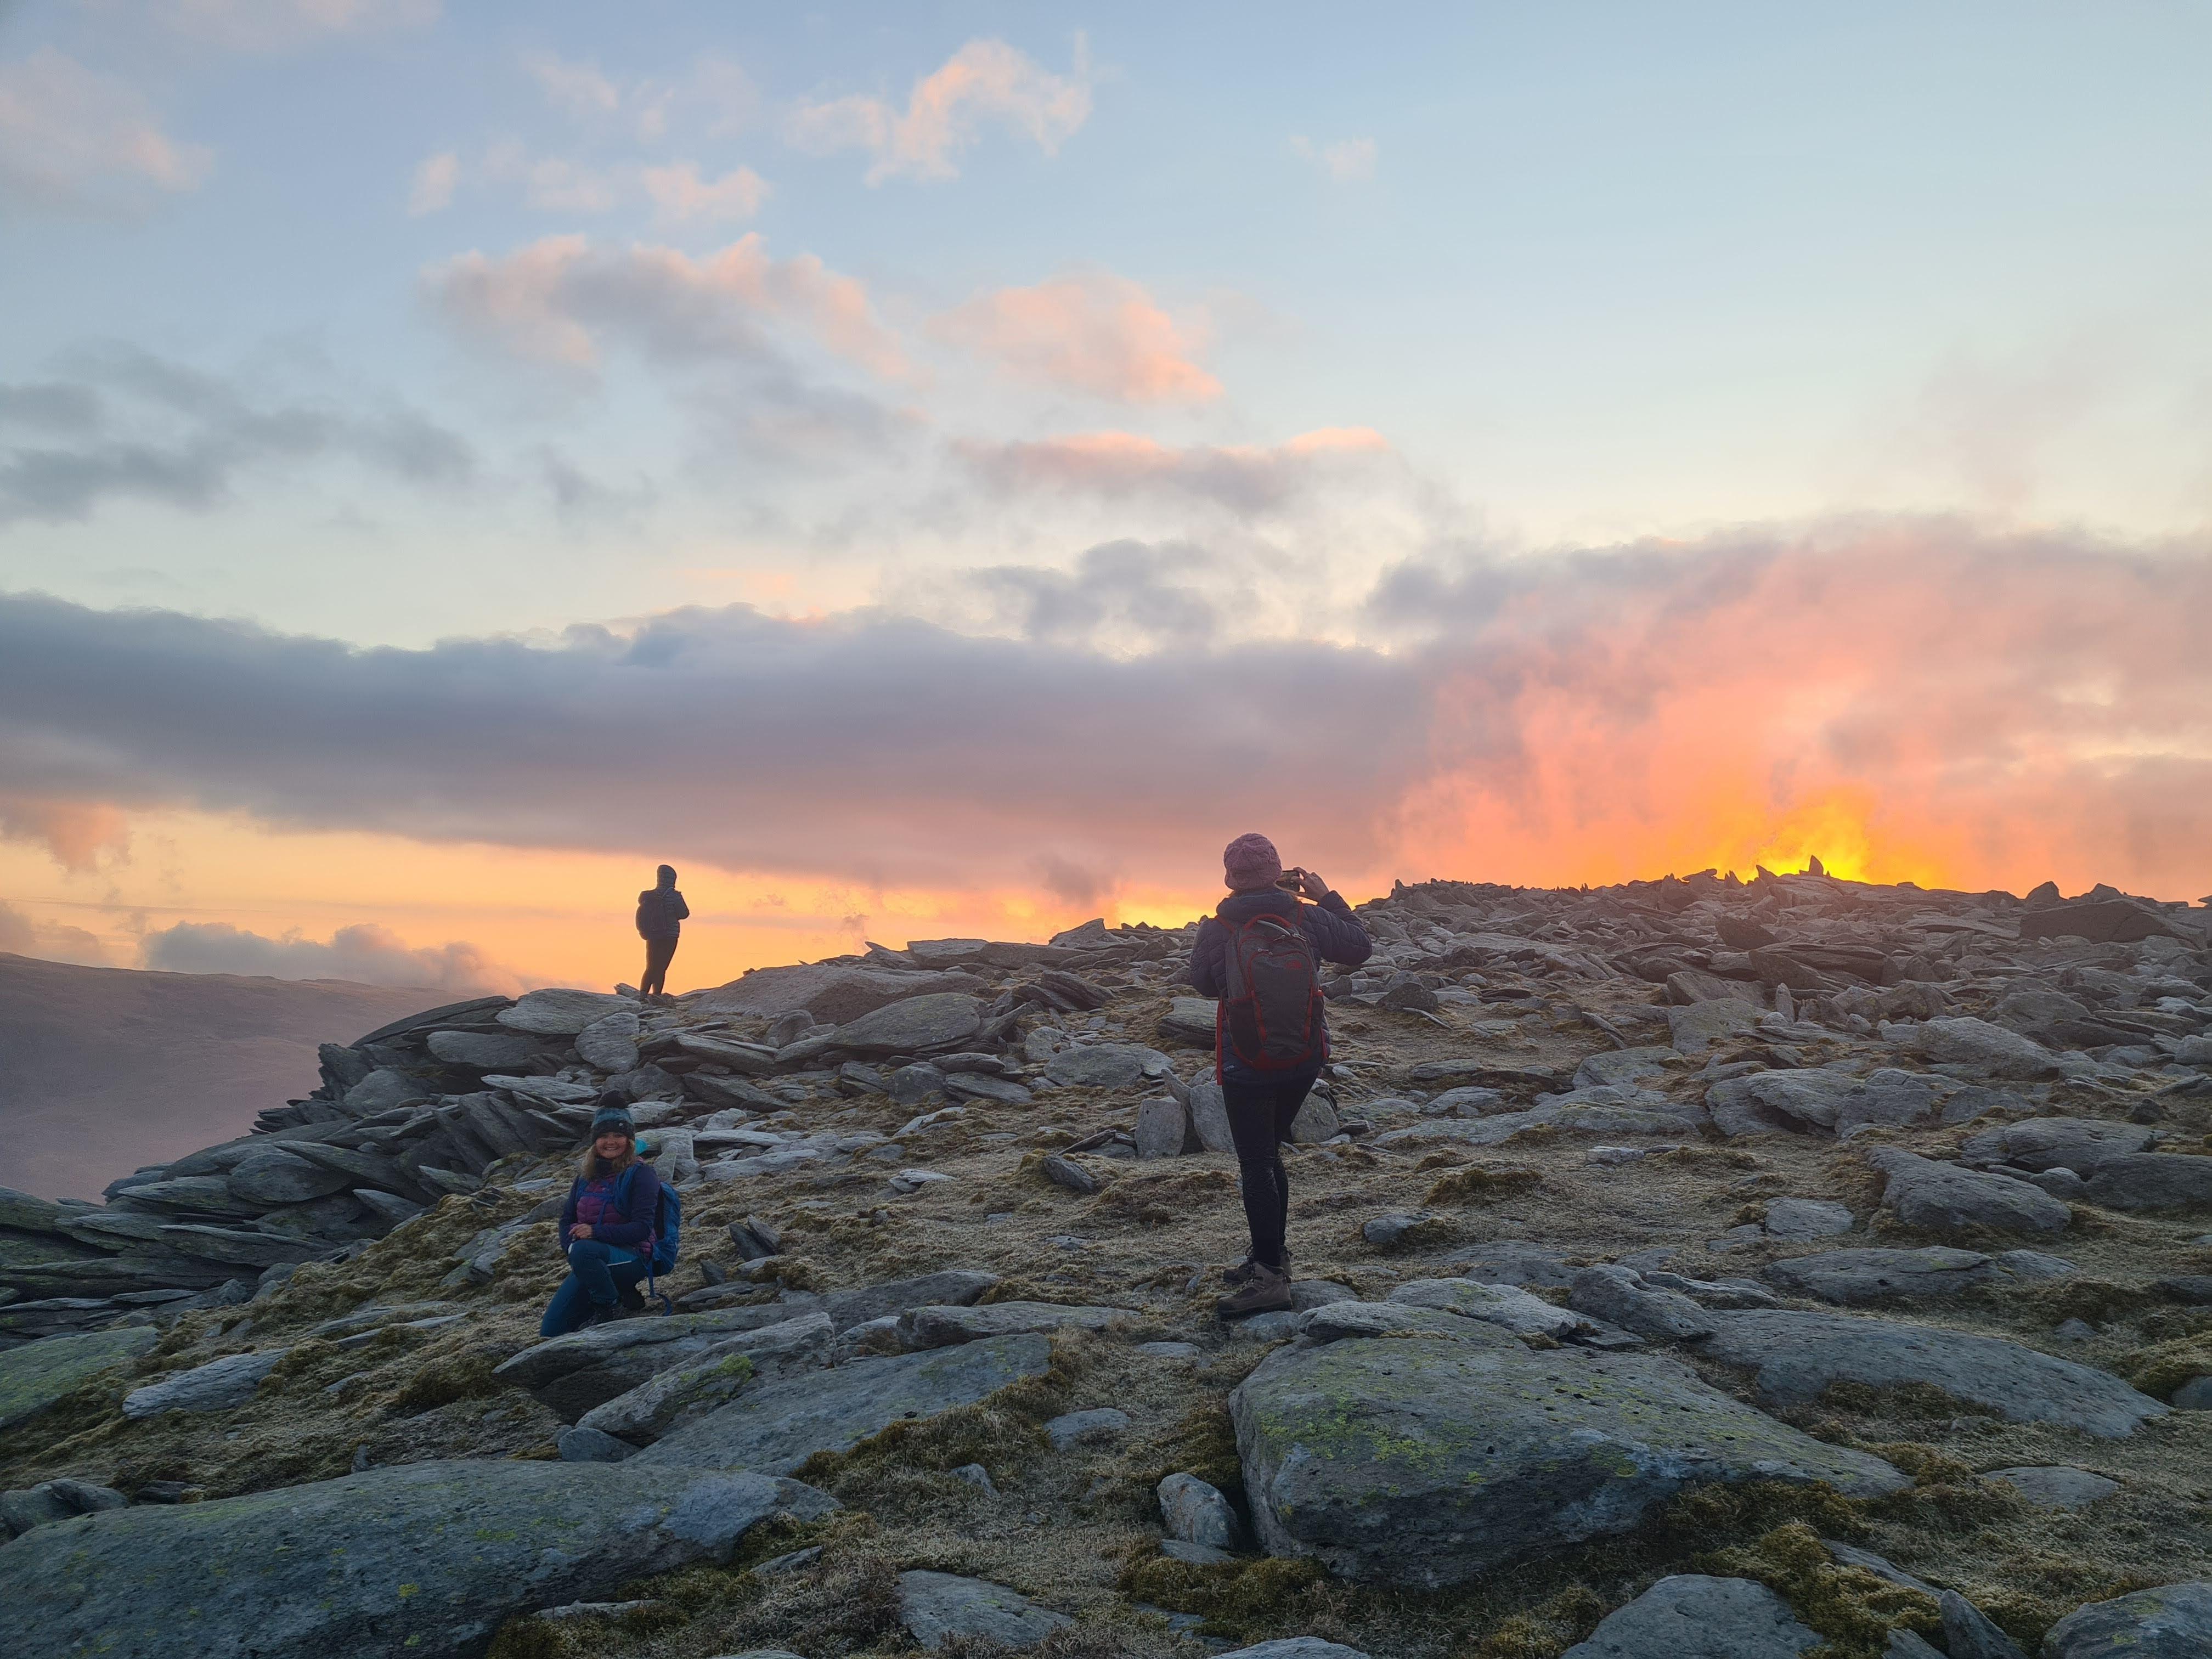 Summit Sunset/Sunrise Surprise